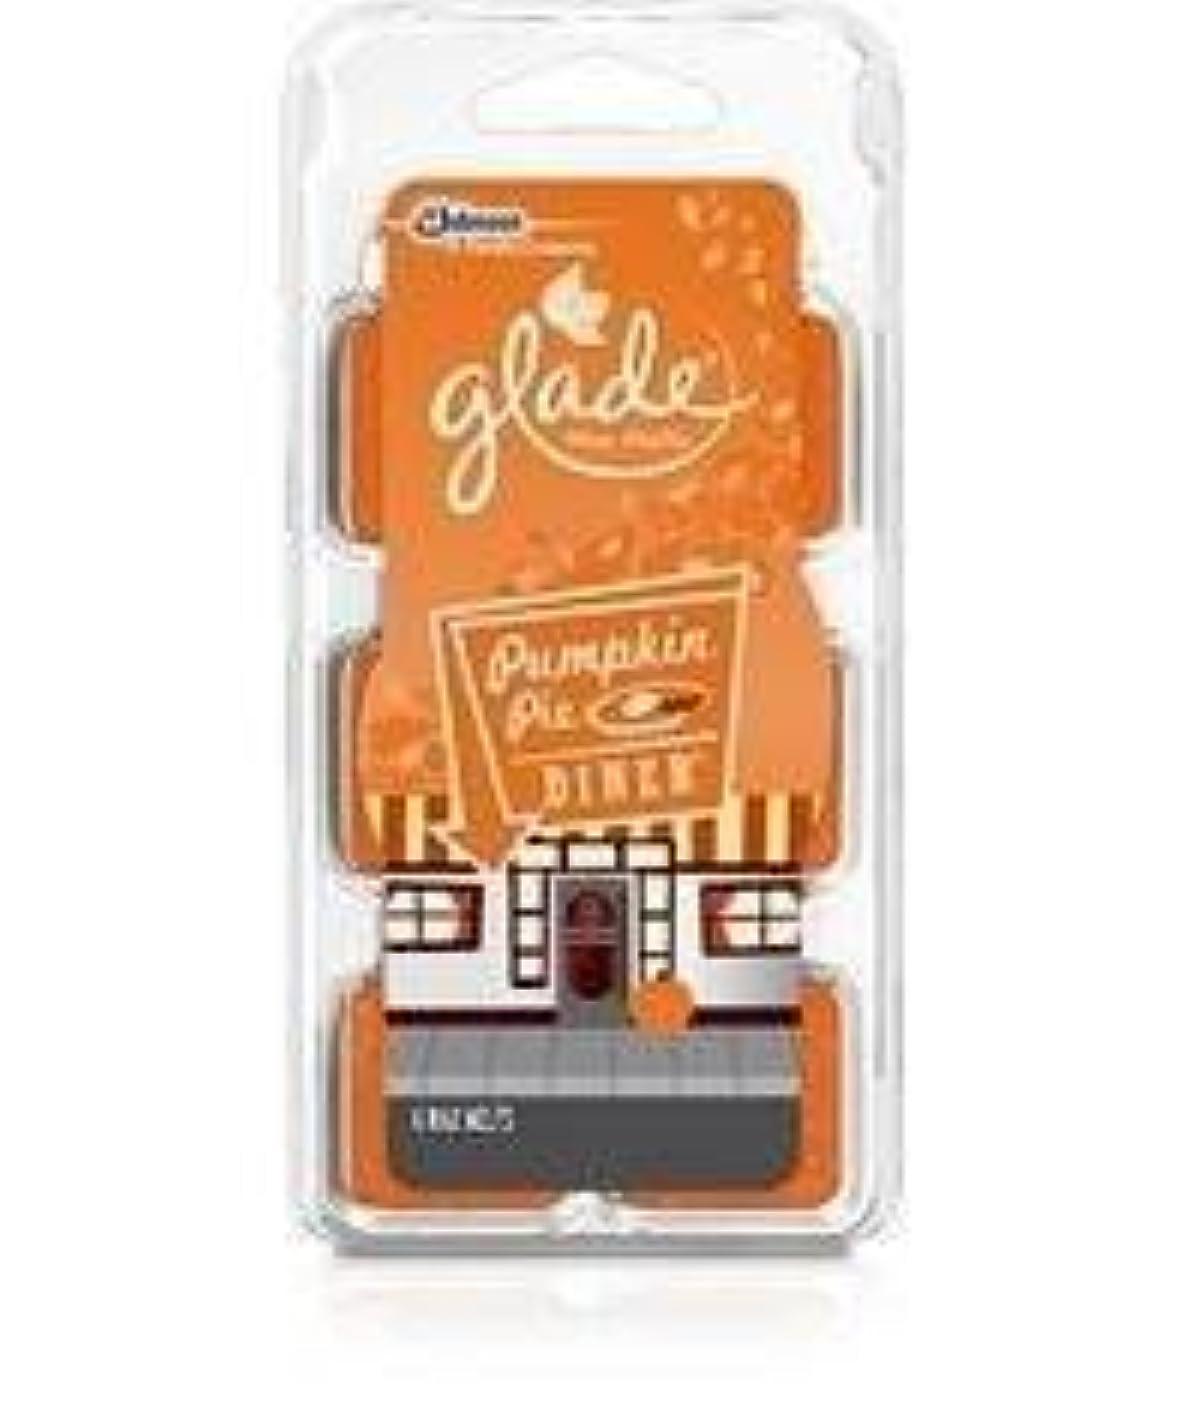 監督する有毒な見捨てるGladeワックスMelts – Limited Edition冬コレクションfor the Holidays ( 3、パンプキンパイDiner ) by SCジョンソン